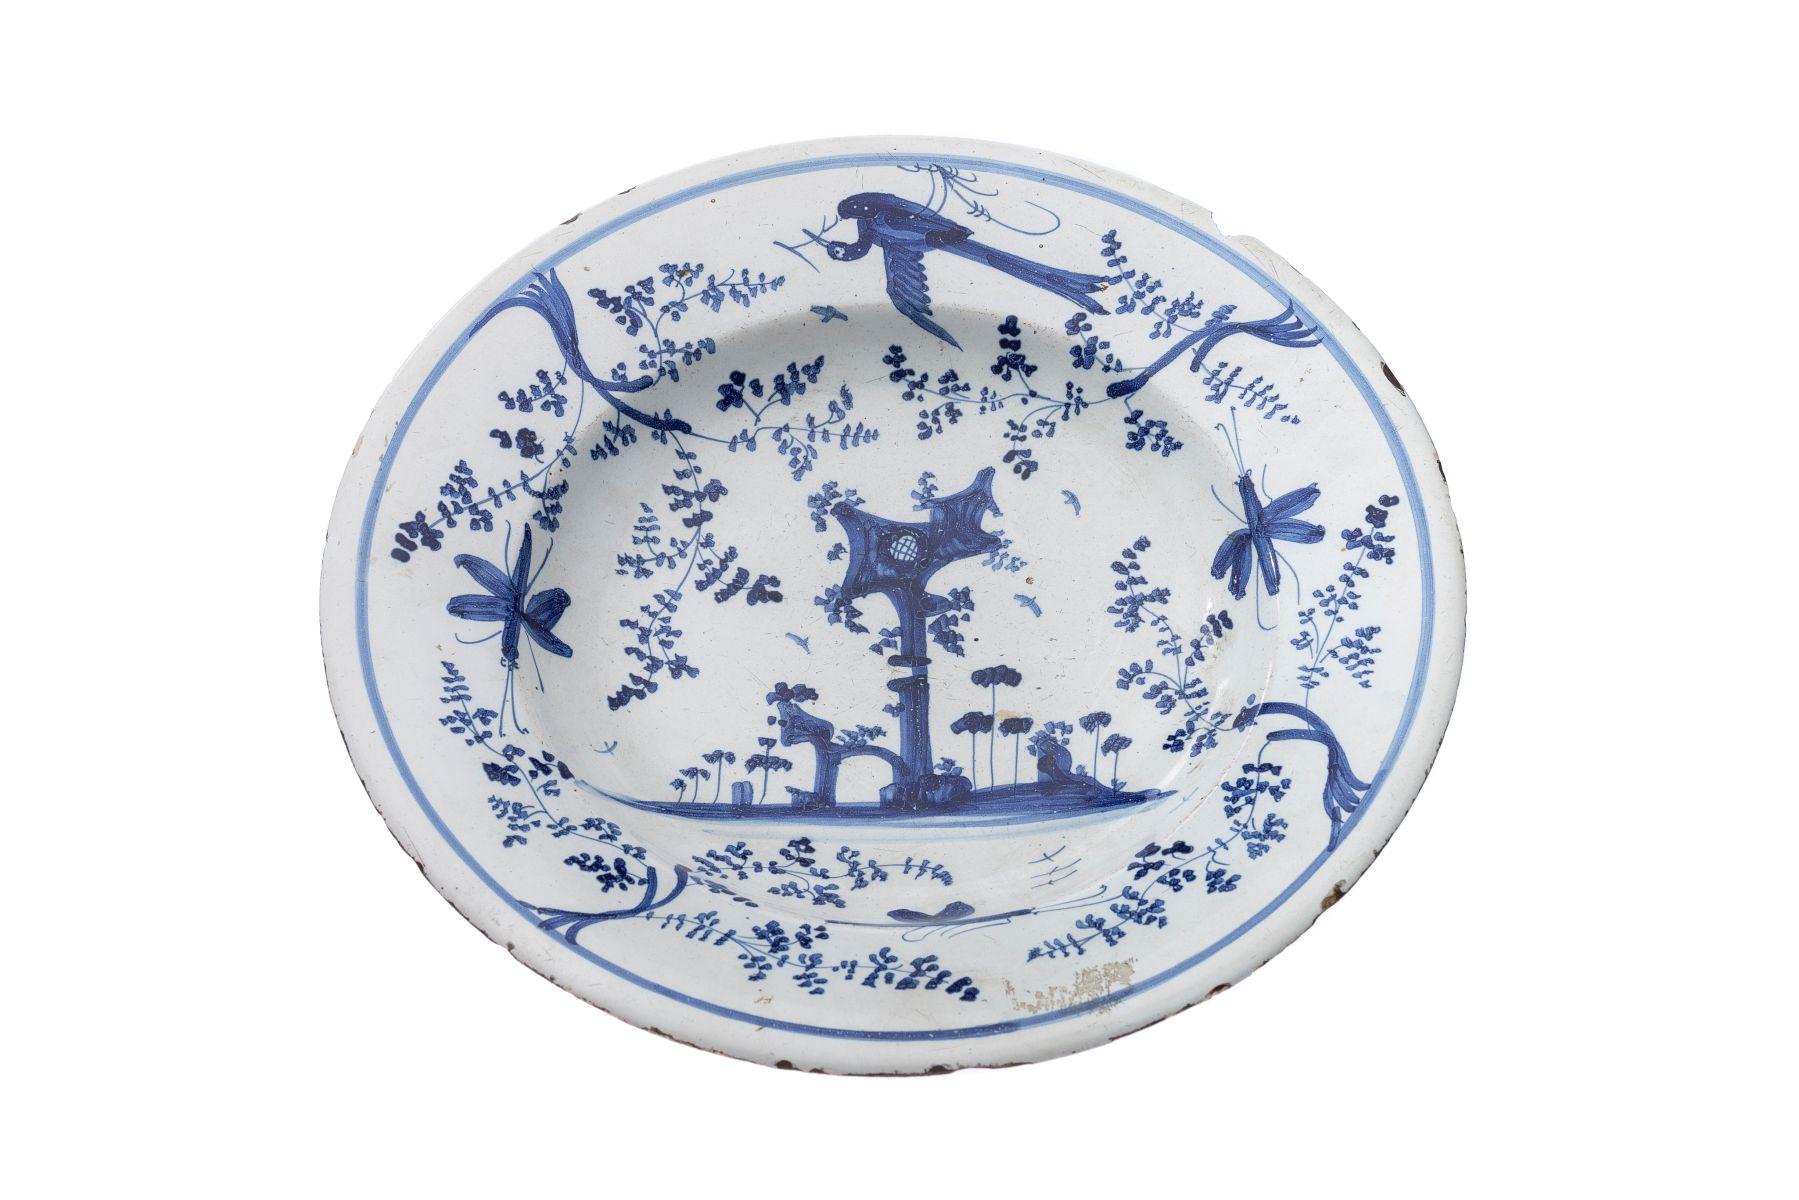 #202 Sawankhalok plate | Sawankhalok Teller Image